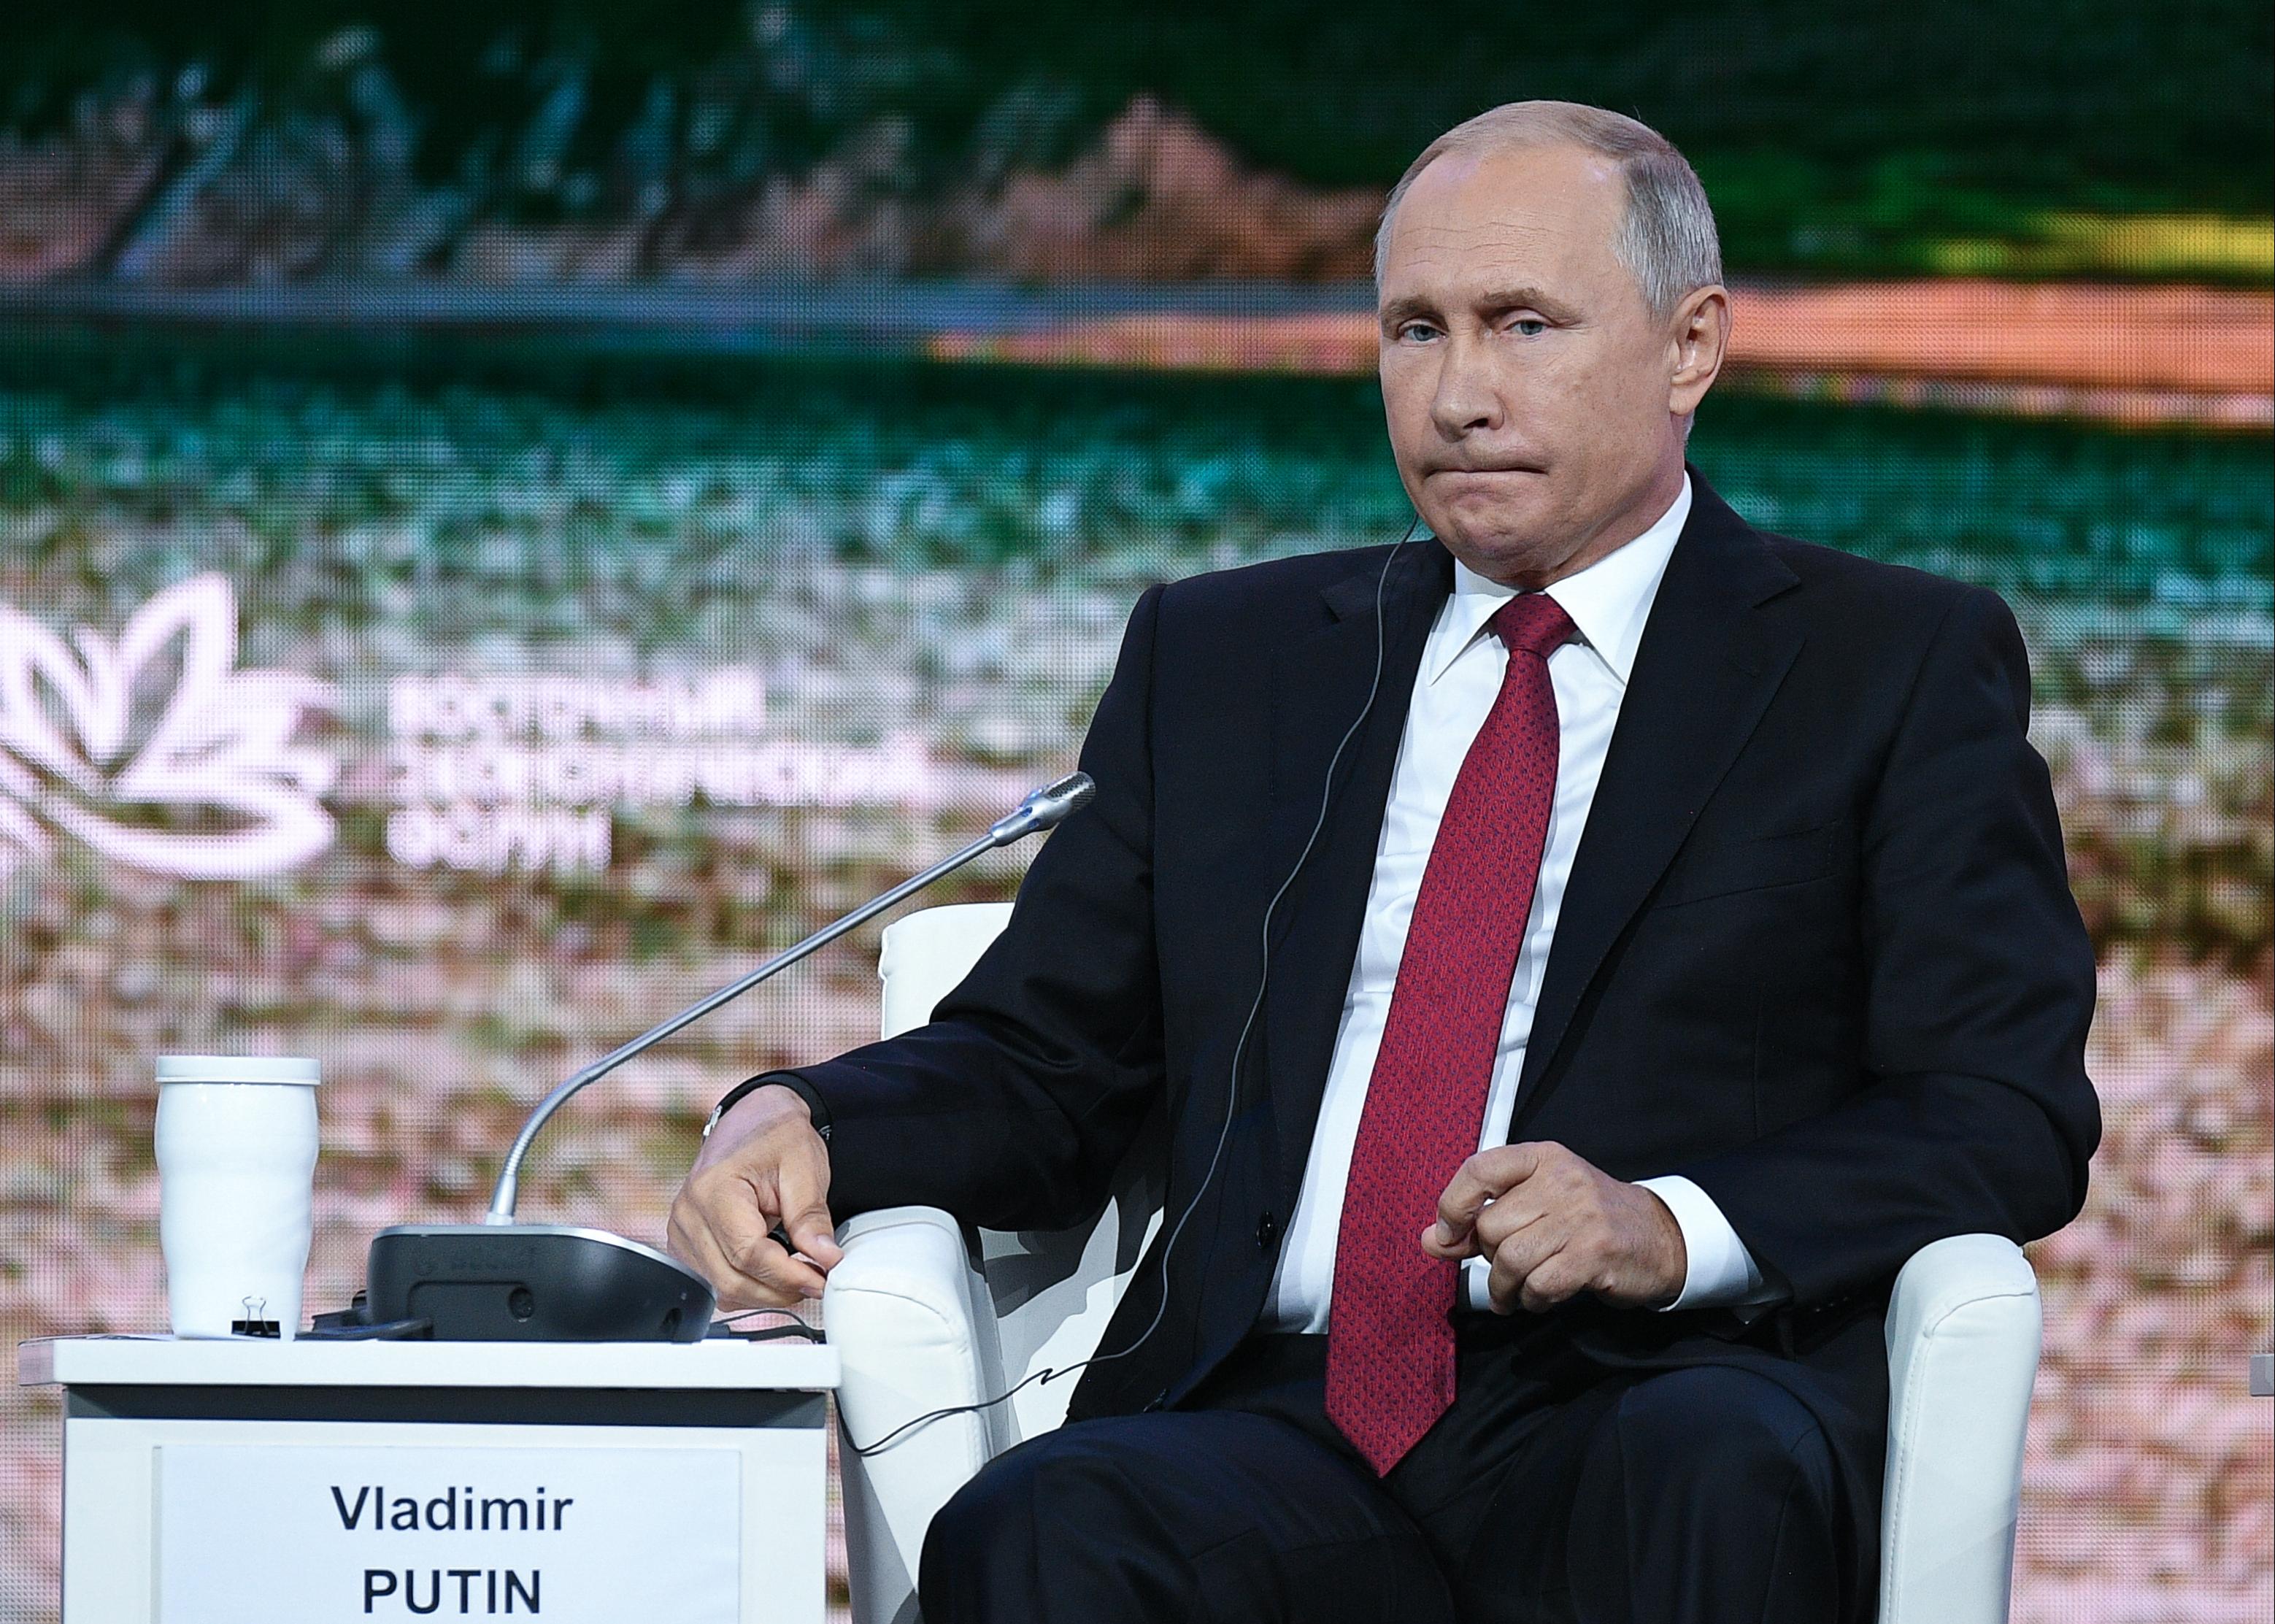 Putyin a nyugdíjasokkal packázott, be is zuhant a népszerűsége